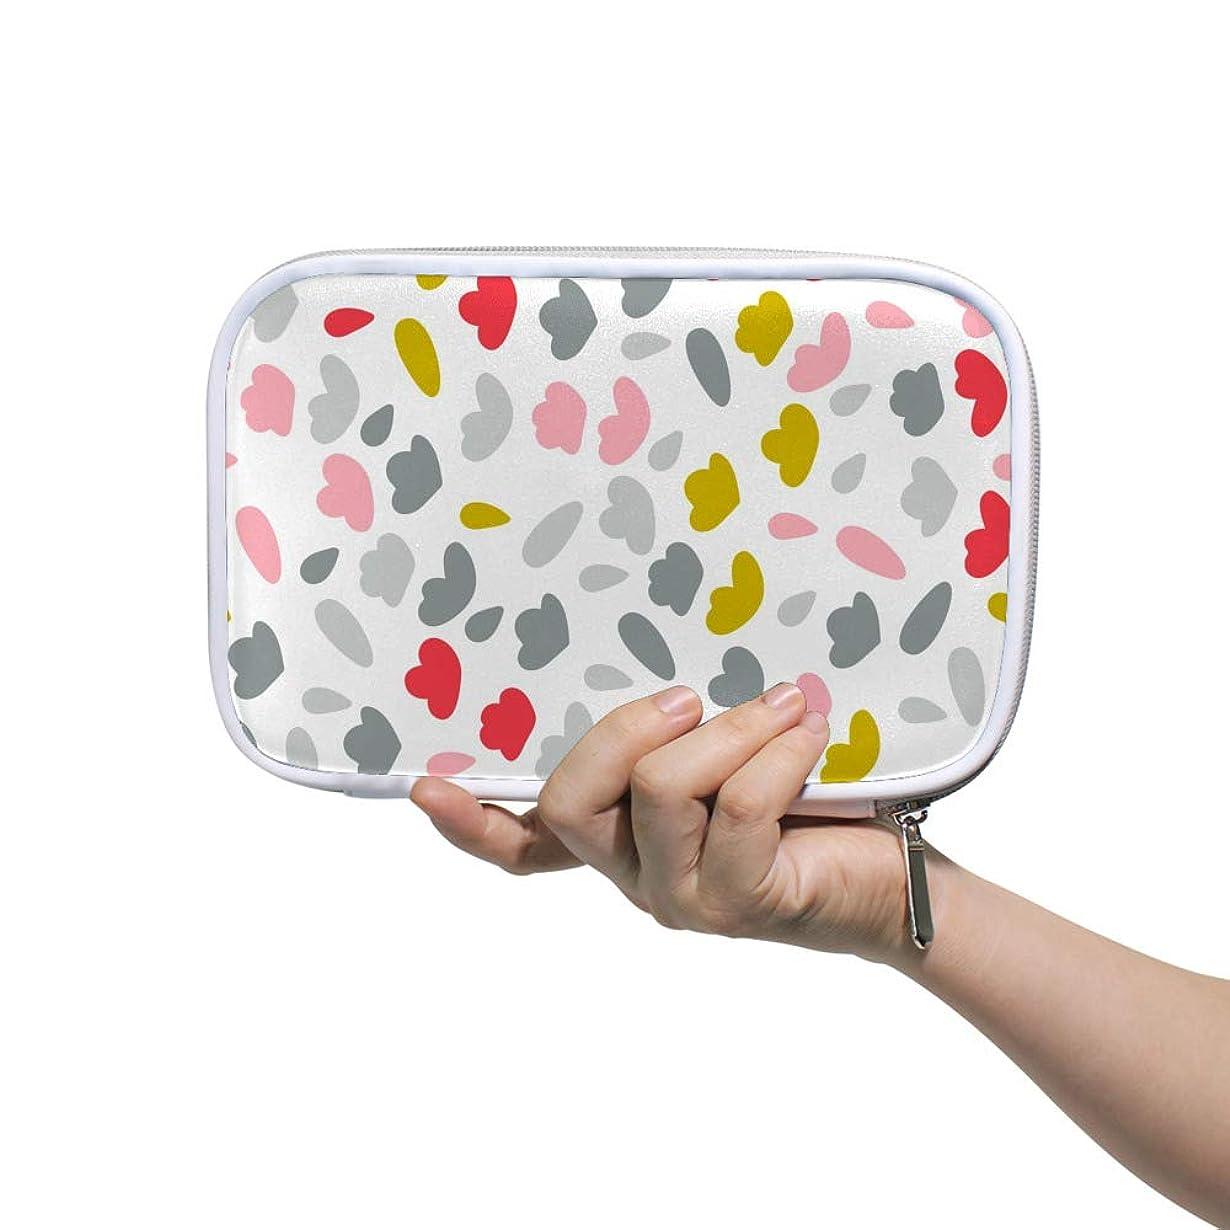 防止インタフェース手首ZHIMI 化粧ポーチ メイクポーチ レディース コンパクト 柔らかい おしゃれ 化粧品収納バッグ コスメケース 奇麗な柄 機能的 防水 軽量 小物入れ 出張 海外旅行グッズ パスポートケースとしても適用